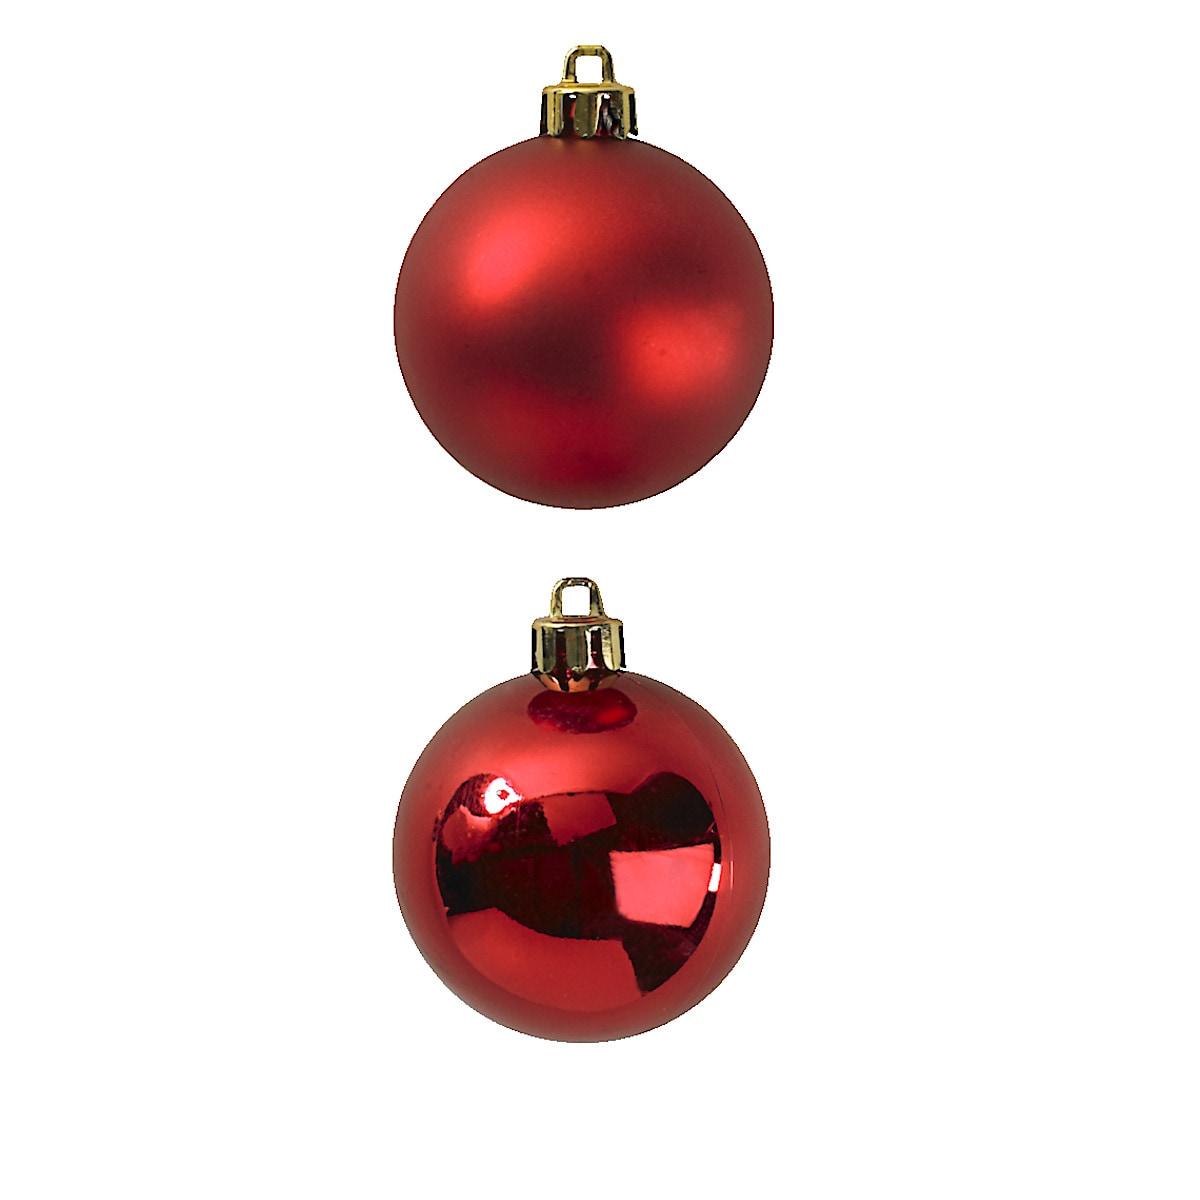 Juletrekuler